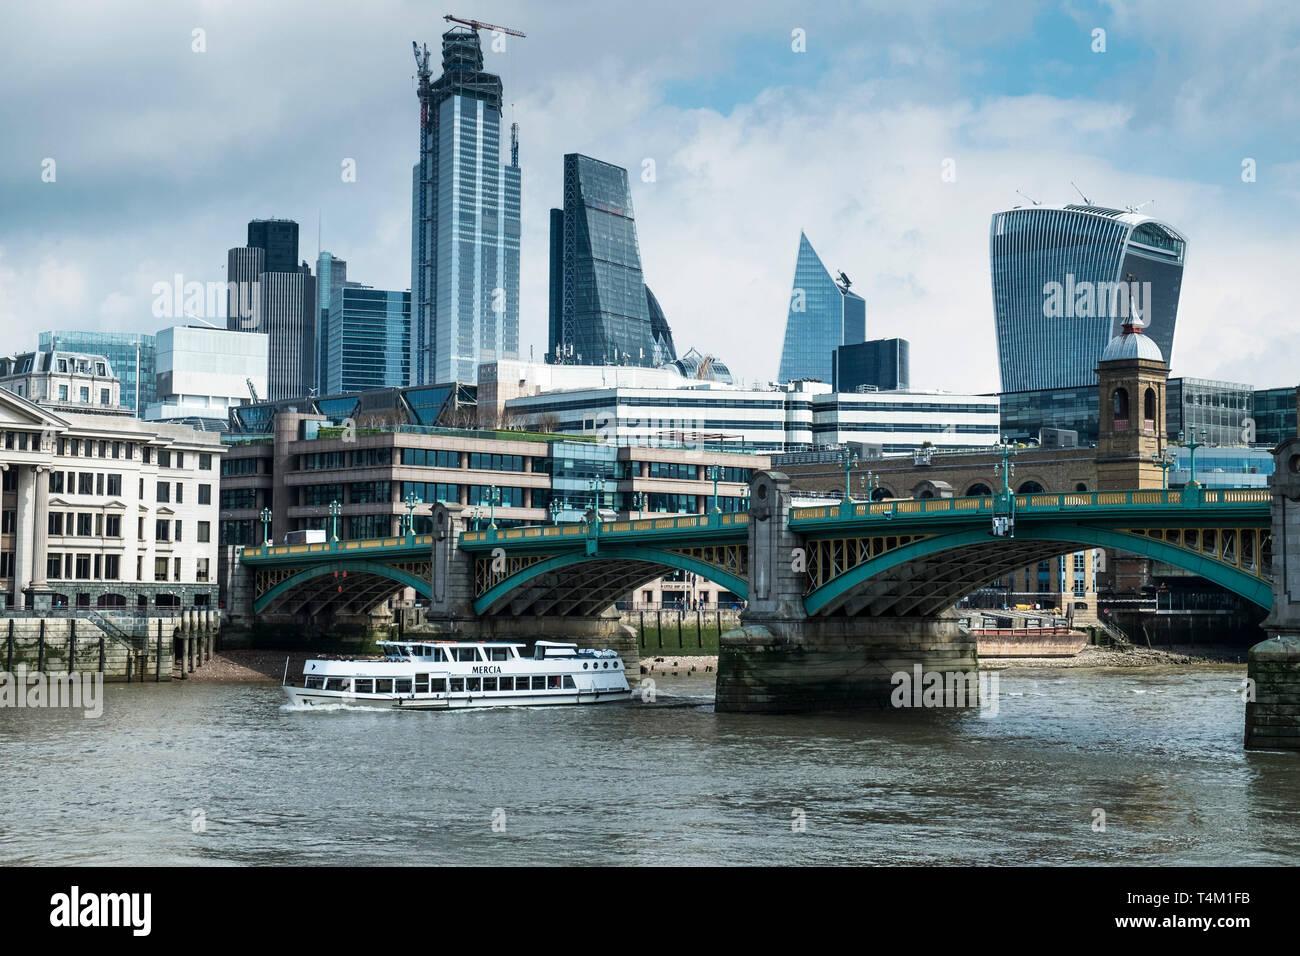 Die touristische Sehenswürdigkeiten boot Mercia vorbei unter die Southwark Bridge über die Themse mit der ikonischen Hochhäusern im Hintergrund. Stockbild